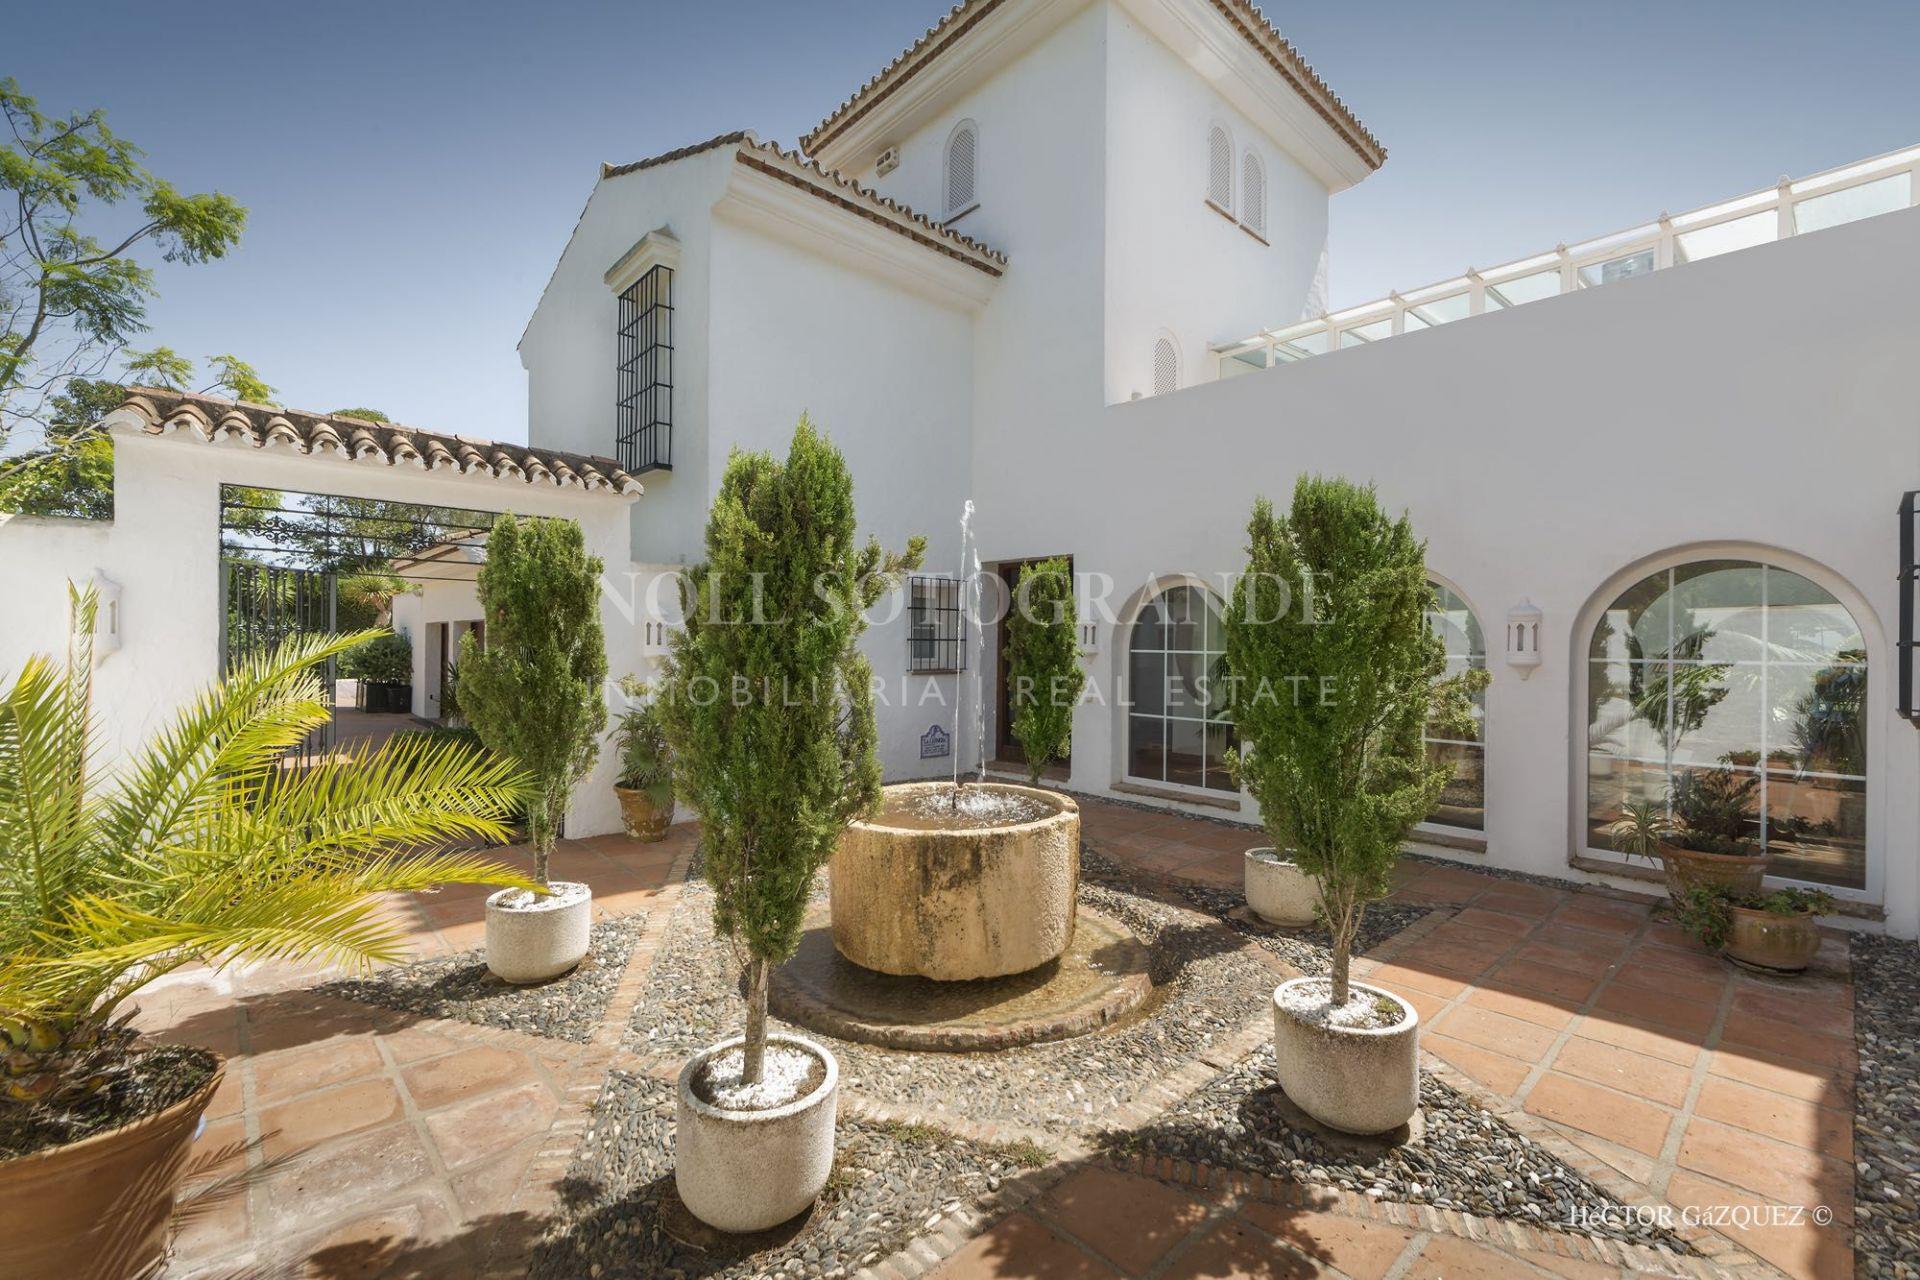 Villa con mucho potencial Sotogrande Alto